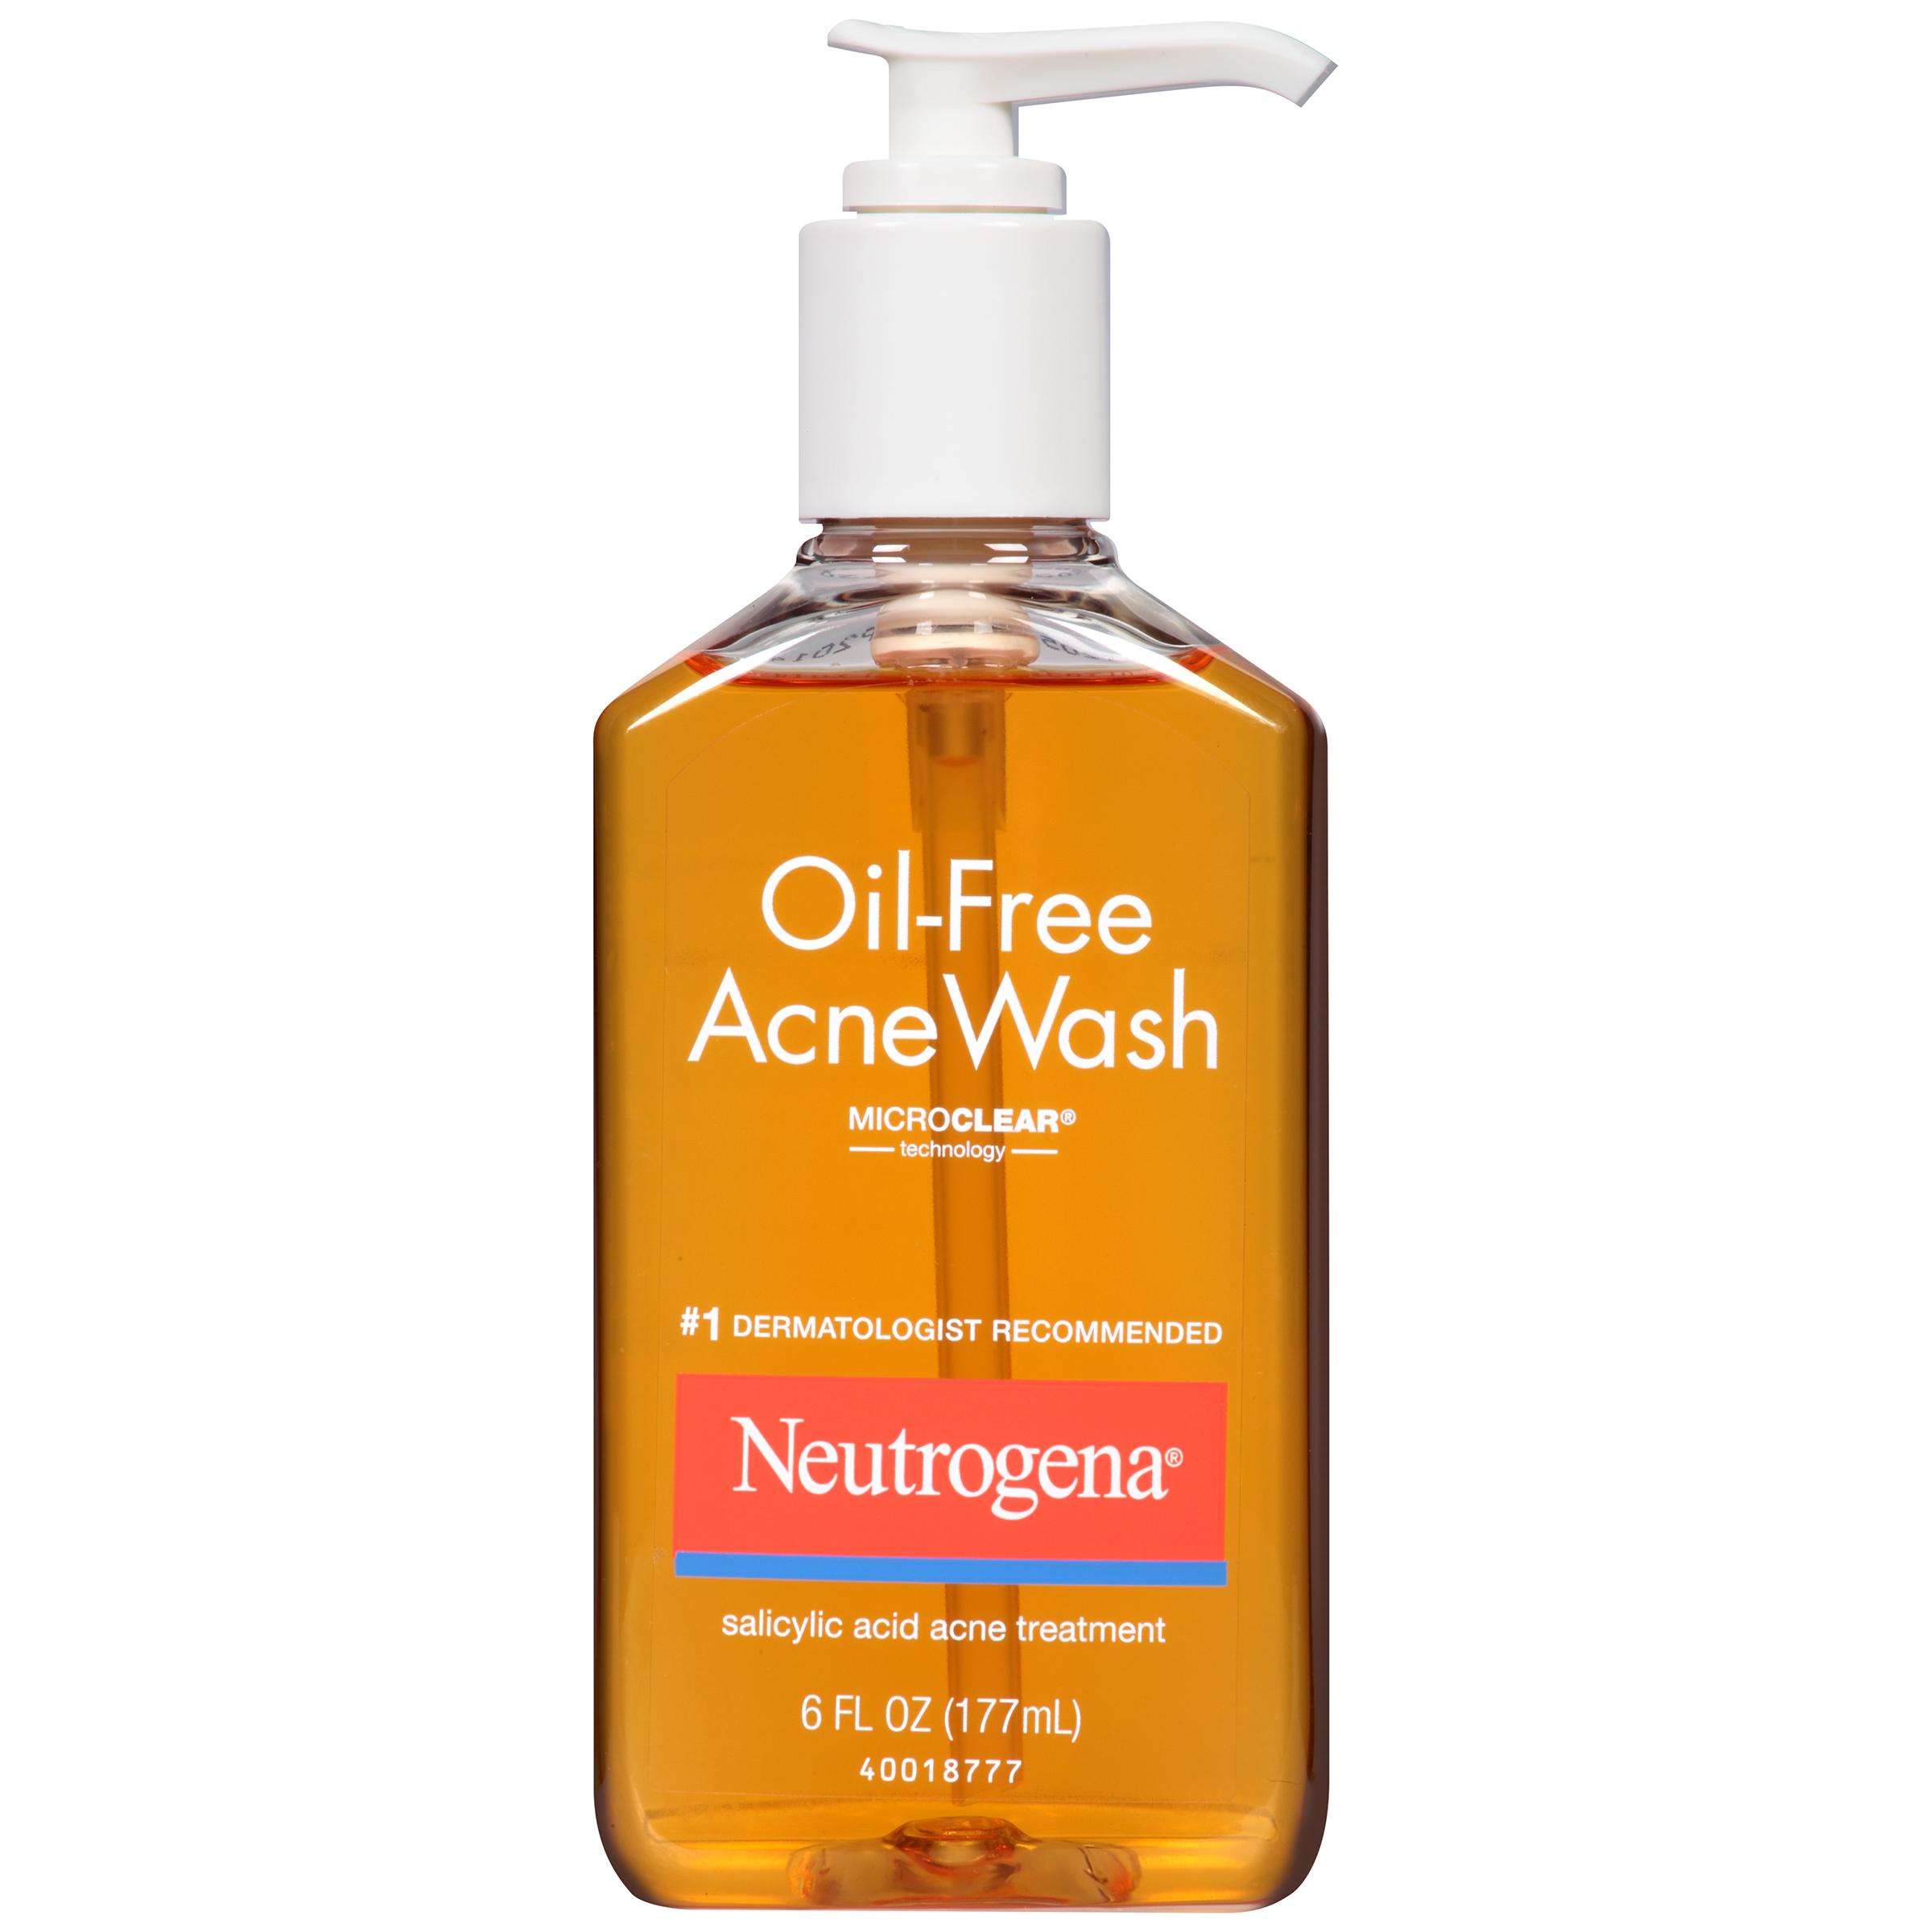 Neutrogena Acne Wash Oil-Free Acne Wash 6 FL OZ PUMP